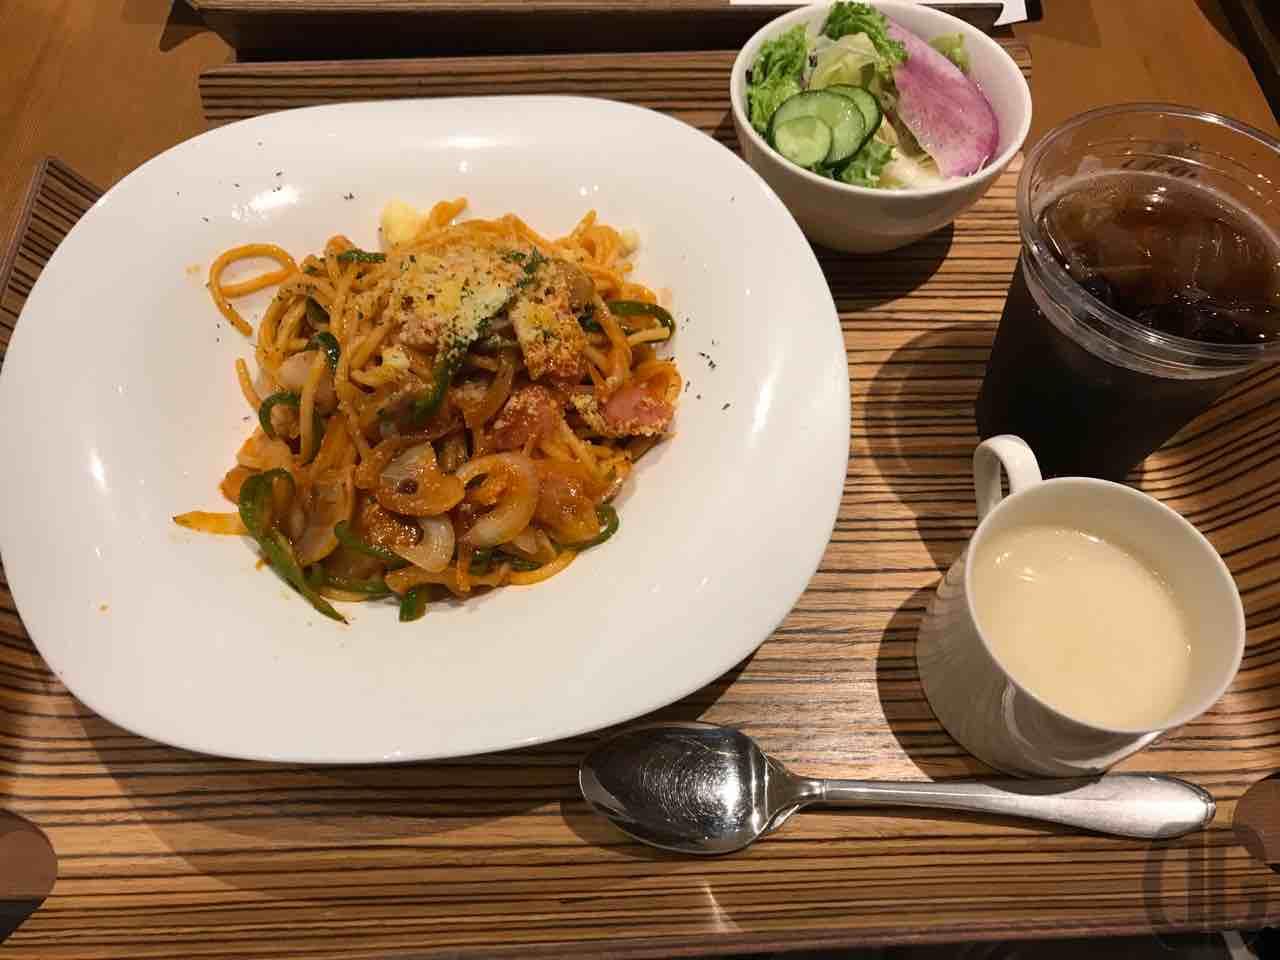 エチカフィット永田町。東京メトロのエキナカでご飯を食べて帰れます♪